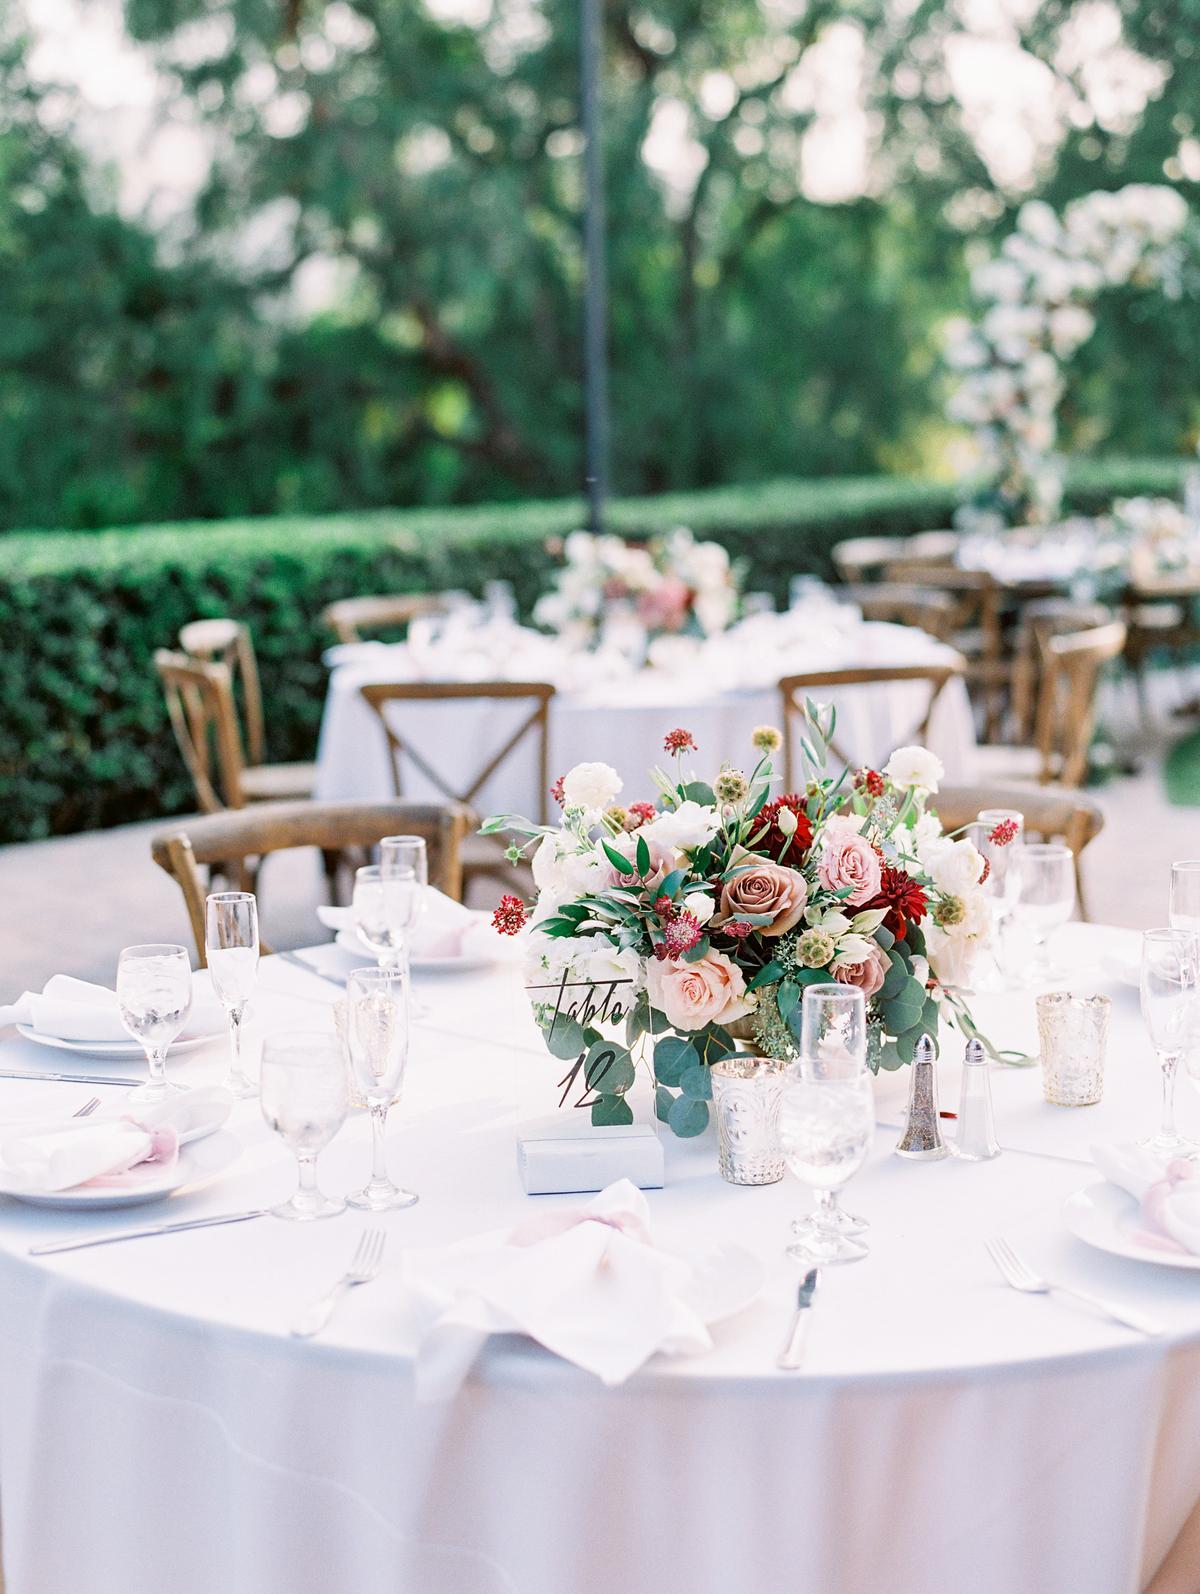 Inšpirácie na svadobné stolovovanie - Obrázok č. 1